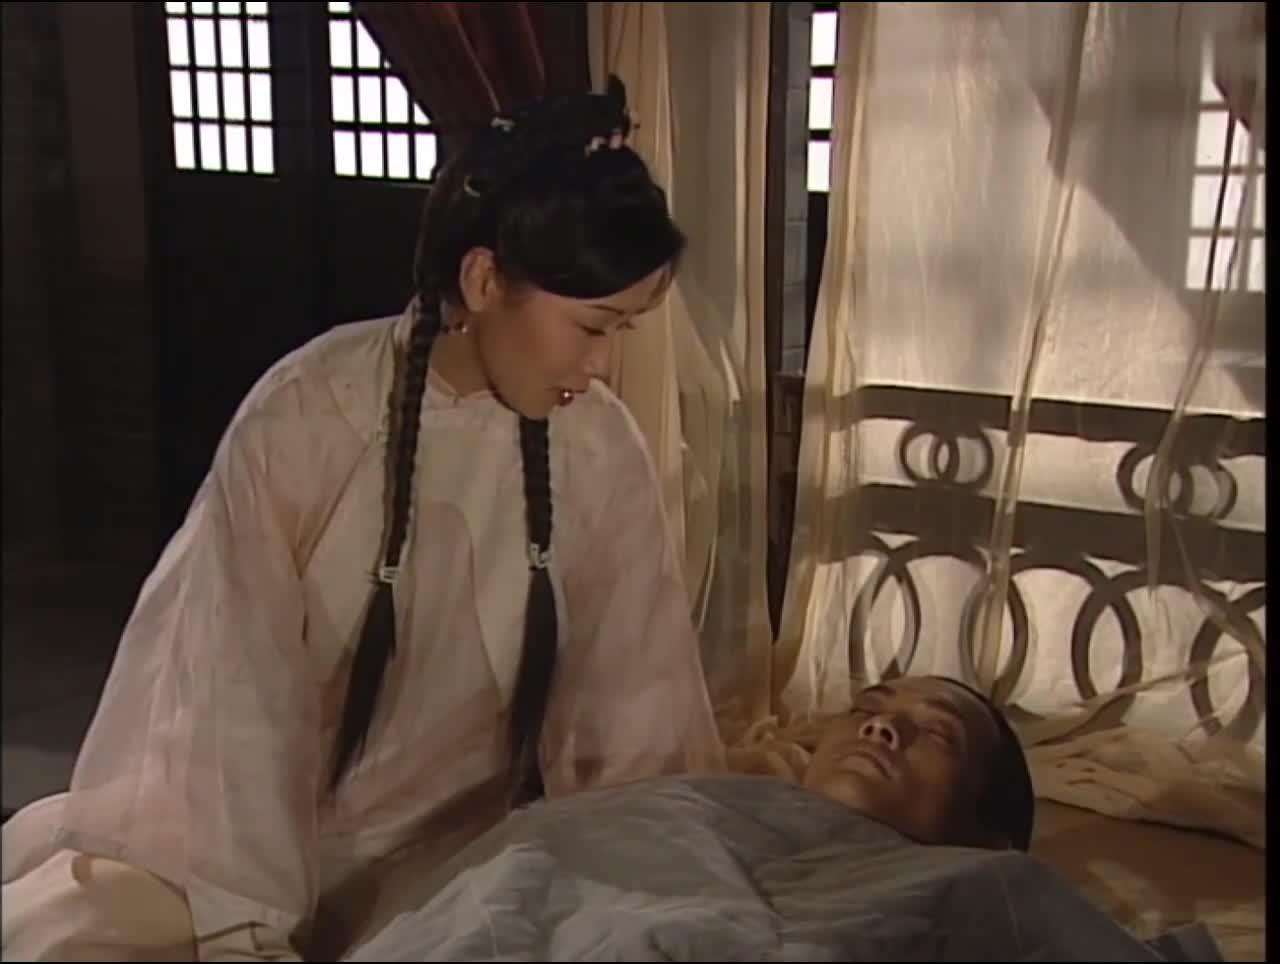 雪山飞狐:小伙昏迷不醒,就剩一个月的寿命,这么年轻可惜了